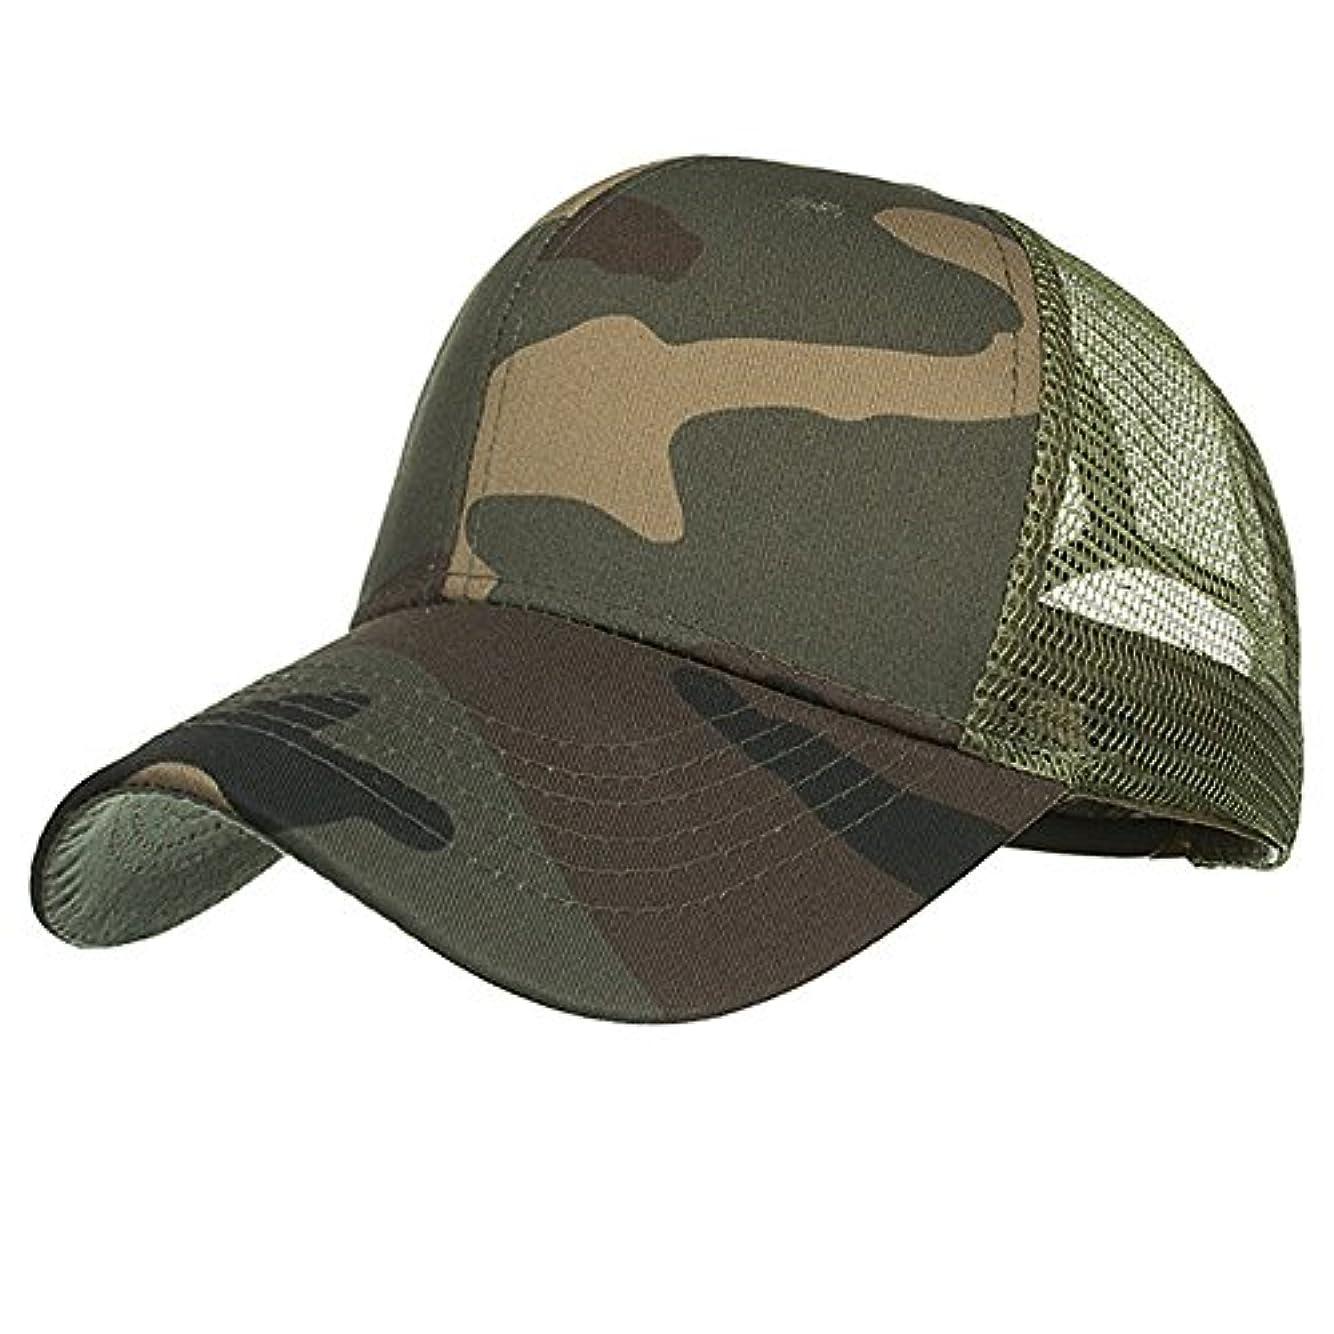 印刷するブルゴーニュ保守的Racazing Cap 迷彩 野球帽 メッシュステッチ 通気性のある 帽子 夏 登山 可調整可能 刺繍 棒球帽 UV 帽子 軽量 屋外 Unisex Hat (A)